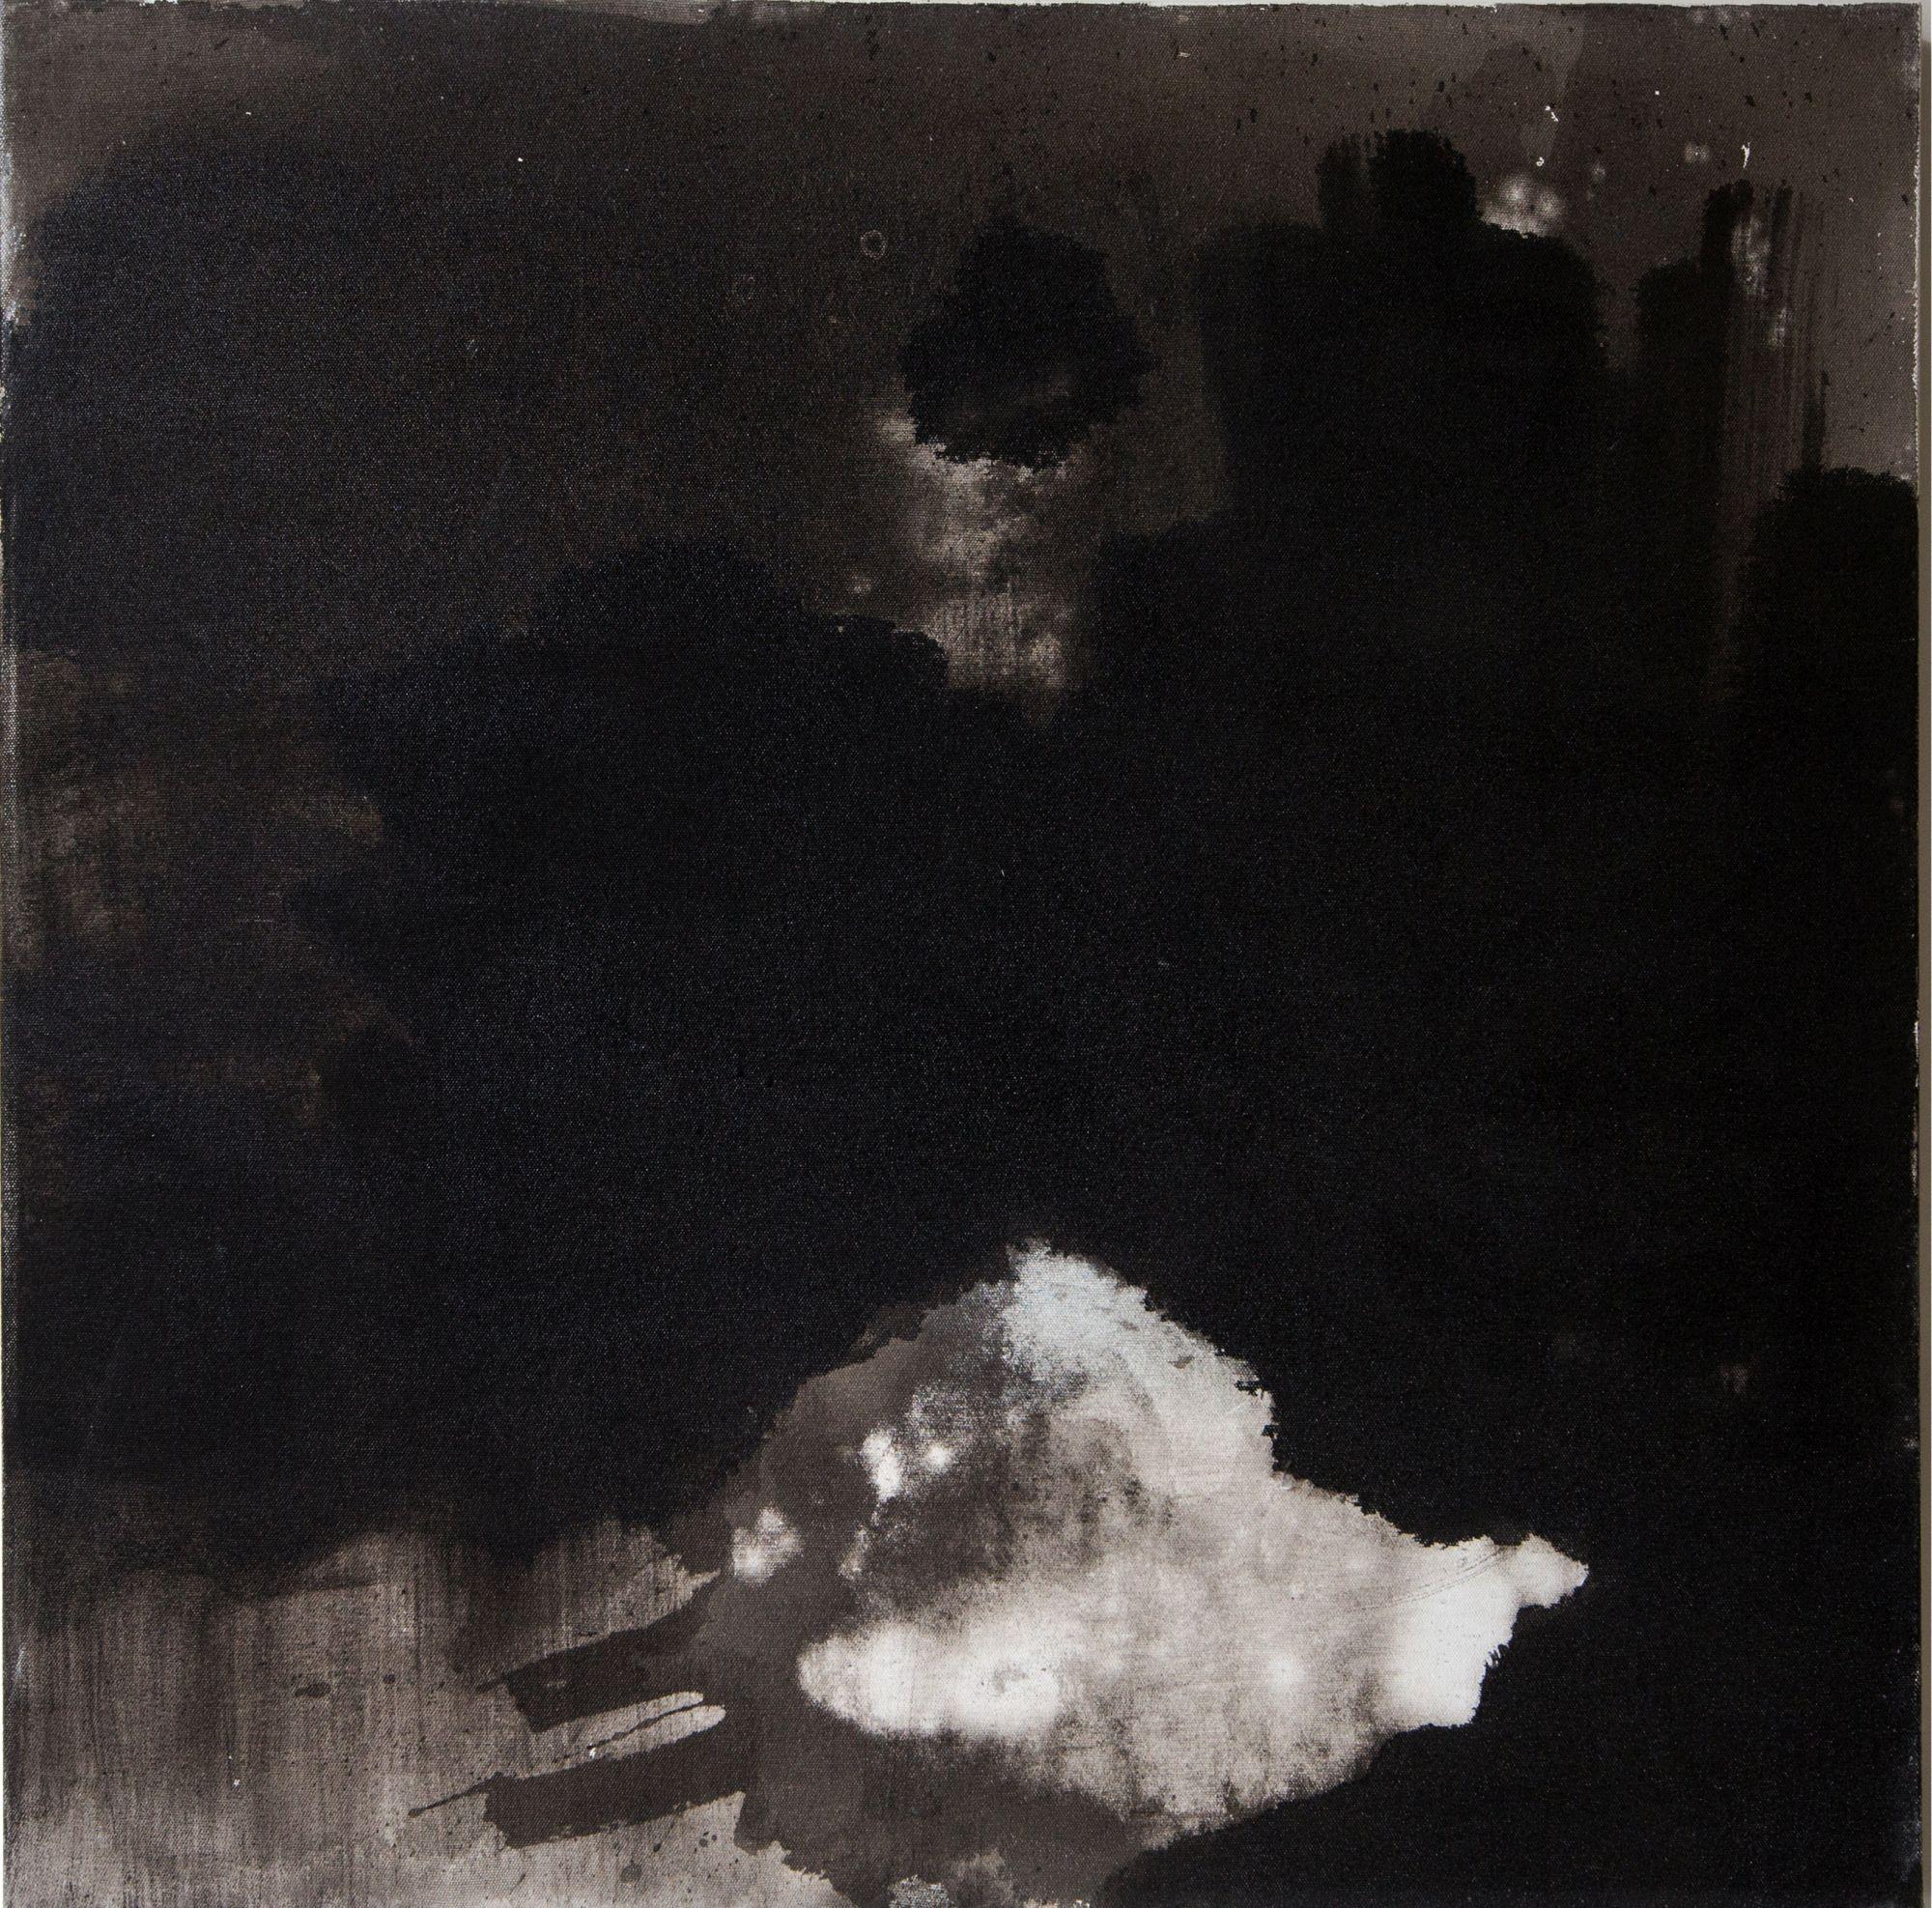 Untitled (black moon)